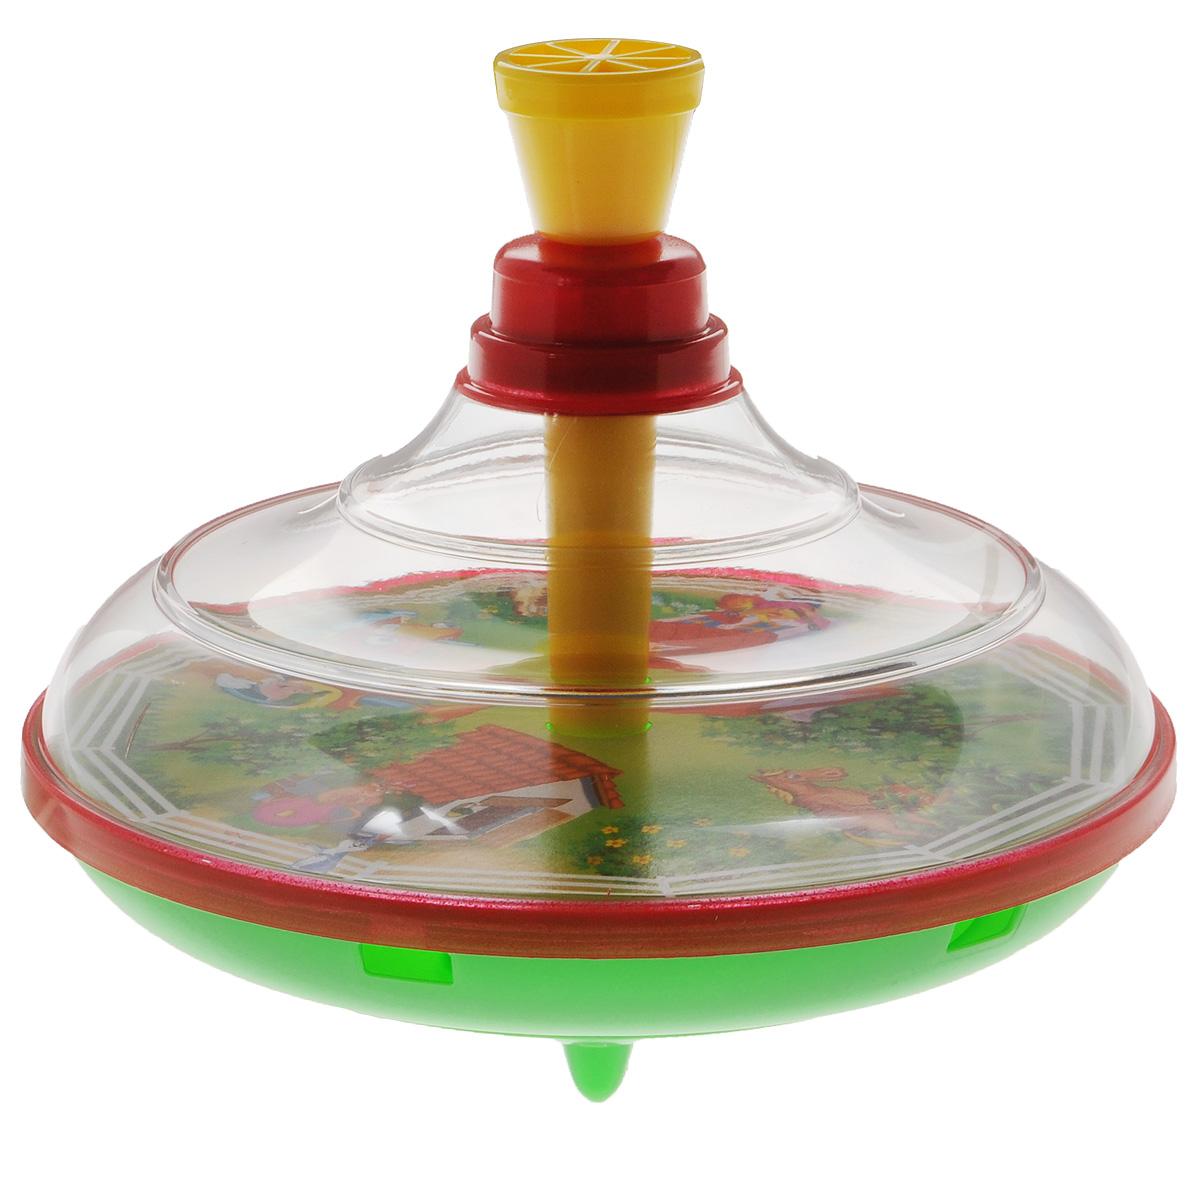 Юла Stellar Домик в деревне. 0132201332Яркая развивающая юла Stellar Домик в деревне станет для вашего малыша любимой игрушкой. Юла выполнена из безопасного пластика в яркой цветовой гамме и оформлена внутри красочными рисунками. Стоит раскрутить юлу, нажав на ручку, и рисунки завертятся веселым хороводом! Юла - динамическая игрушка для самых маленьких, которая стимулирует познавательную активность, развивает наглядно-действенное мышление, координацию движений и мелкую моторику рук. Порадуйте своего непоседу таким великолепным подарком!